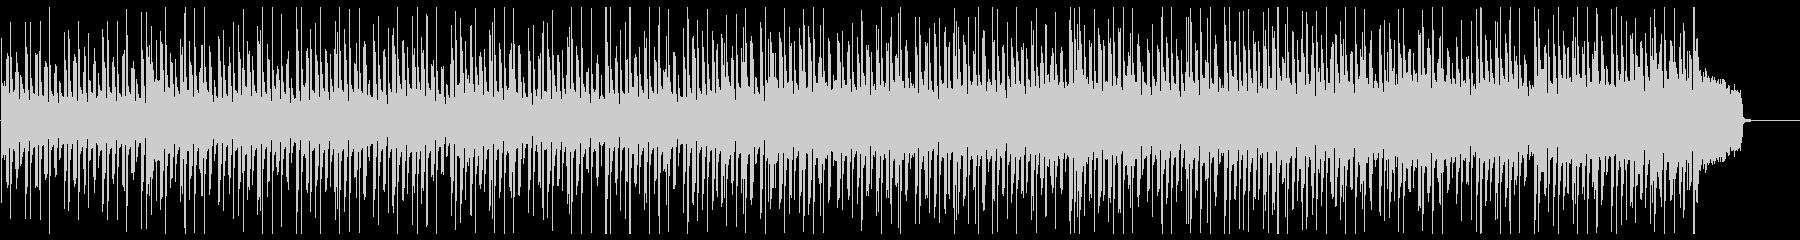 ほのぼのしたマーチ/木琴/鍵盤ハーモニカの未再生の波形